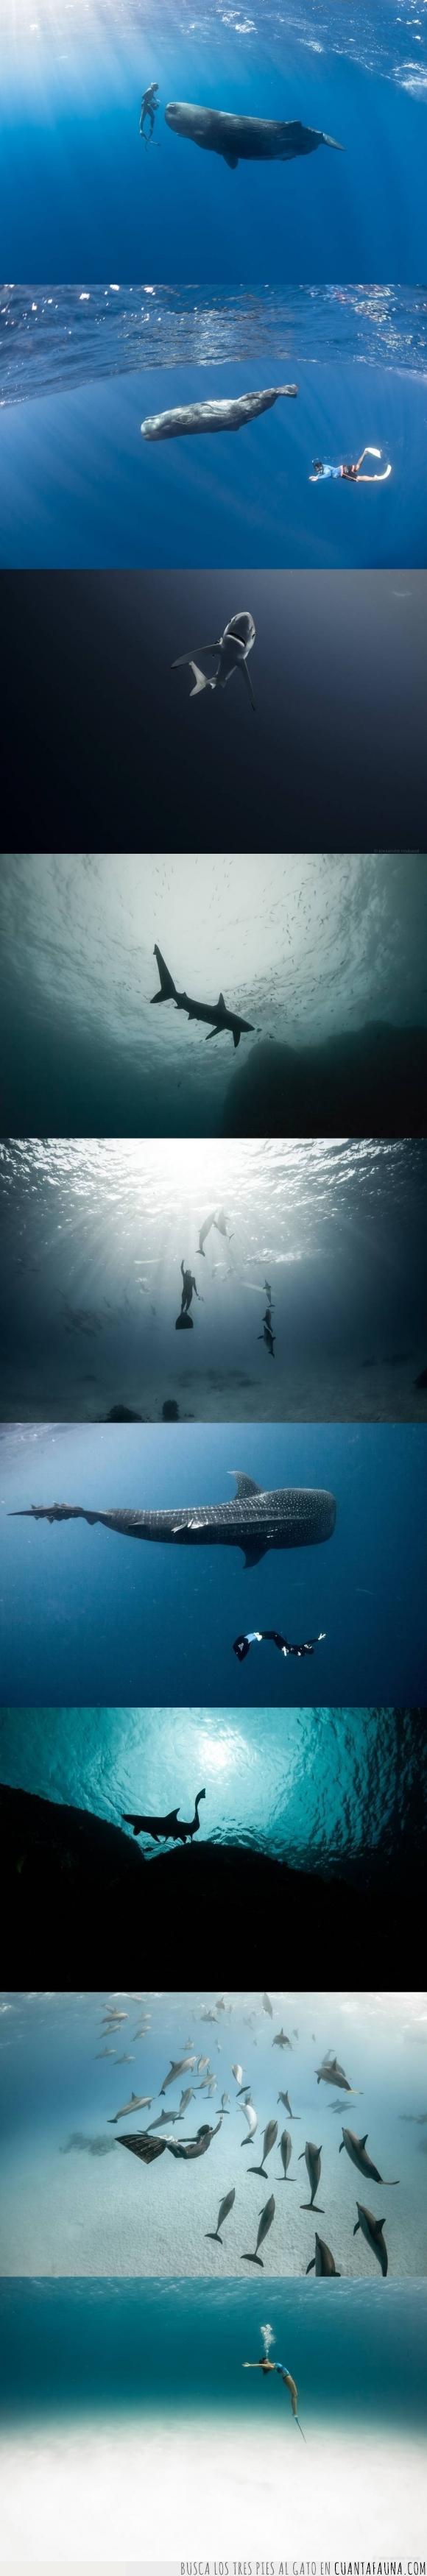 animales,belleza,delfines,mar,oxígeno,peces,precioso,submarino,tiburones,vida